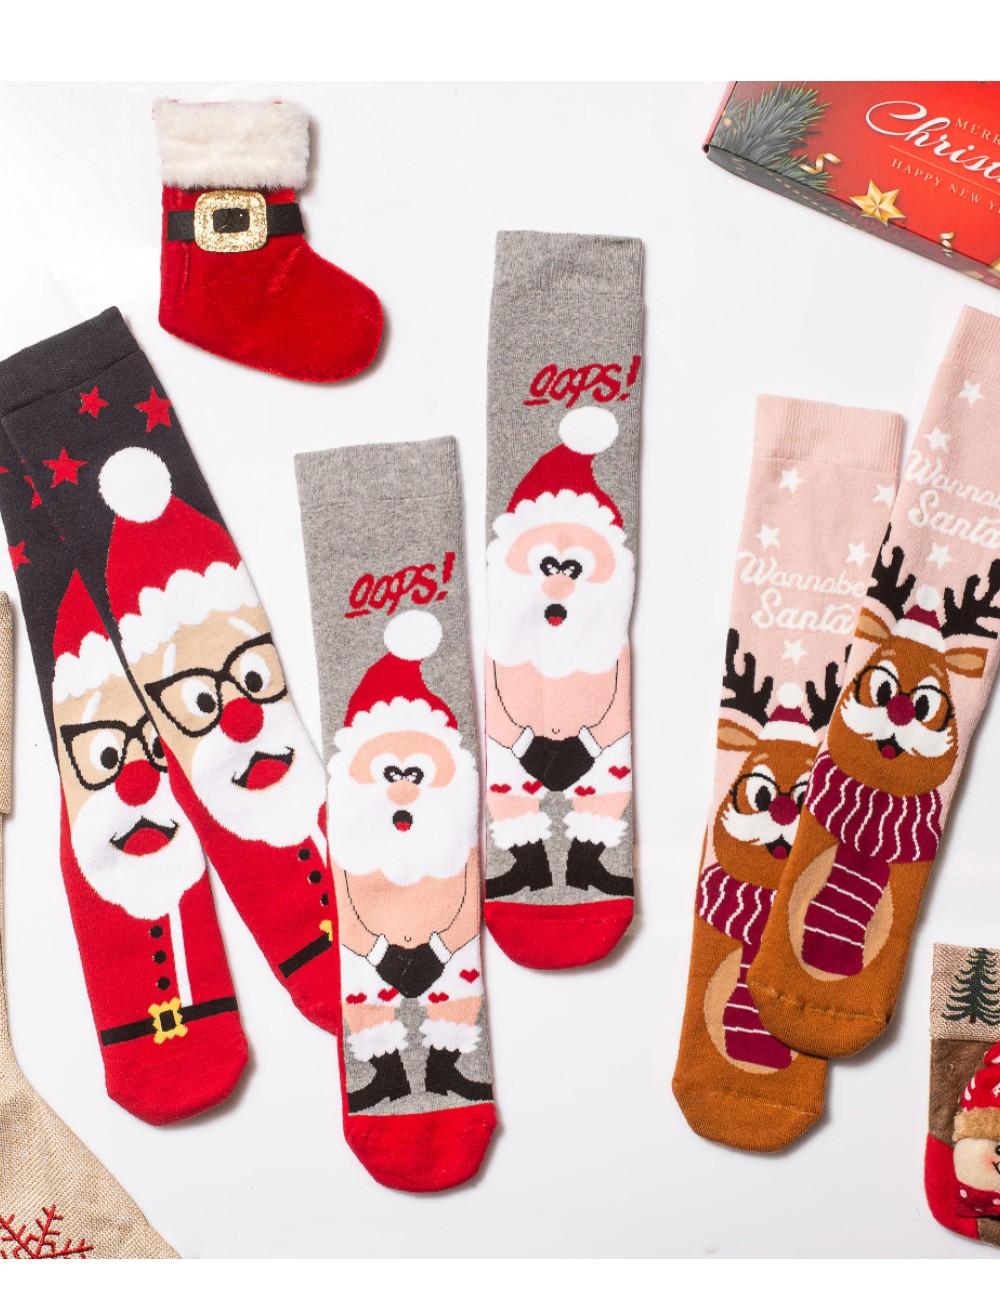 Κάλτσες Χριστουγεννιάτικες Wanna be Santa Vtexsocks Σετ 3 τμχ